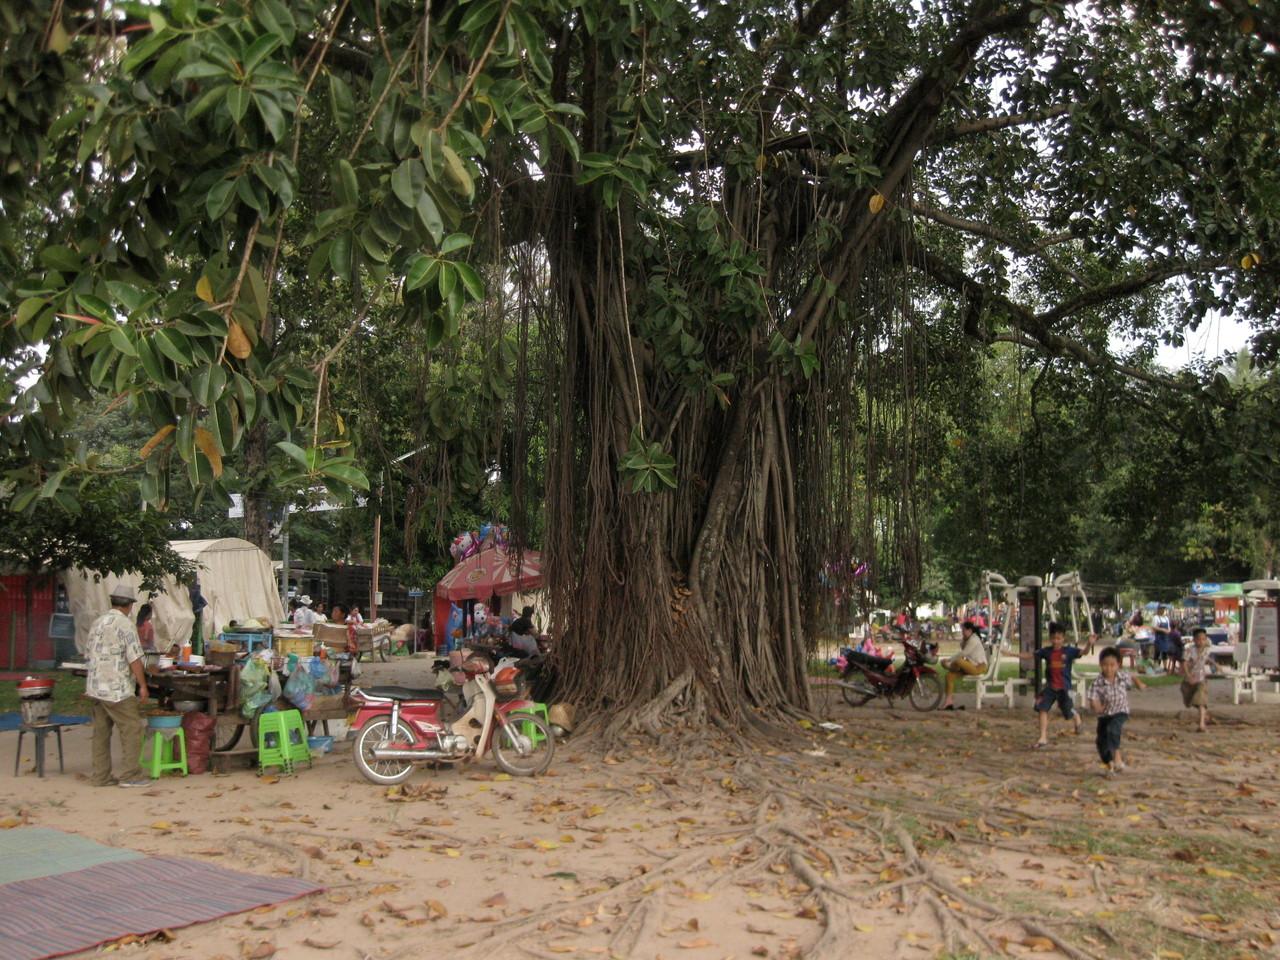 アヌヴォン王公園にある大樹。